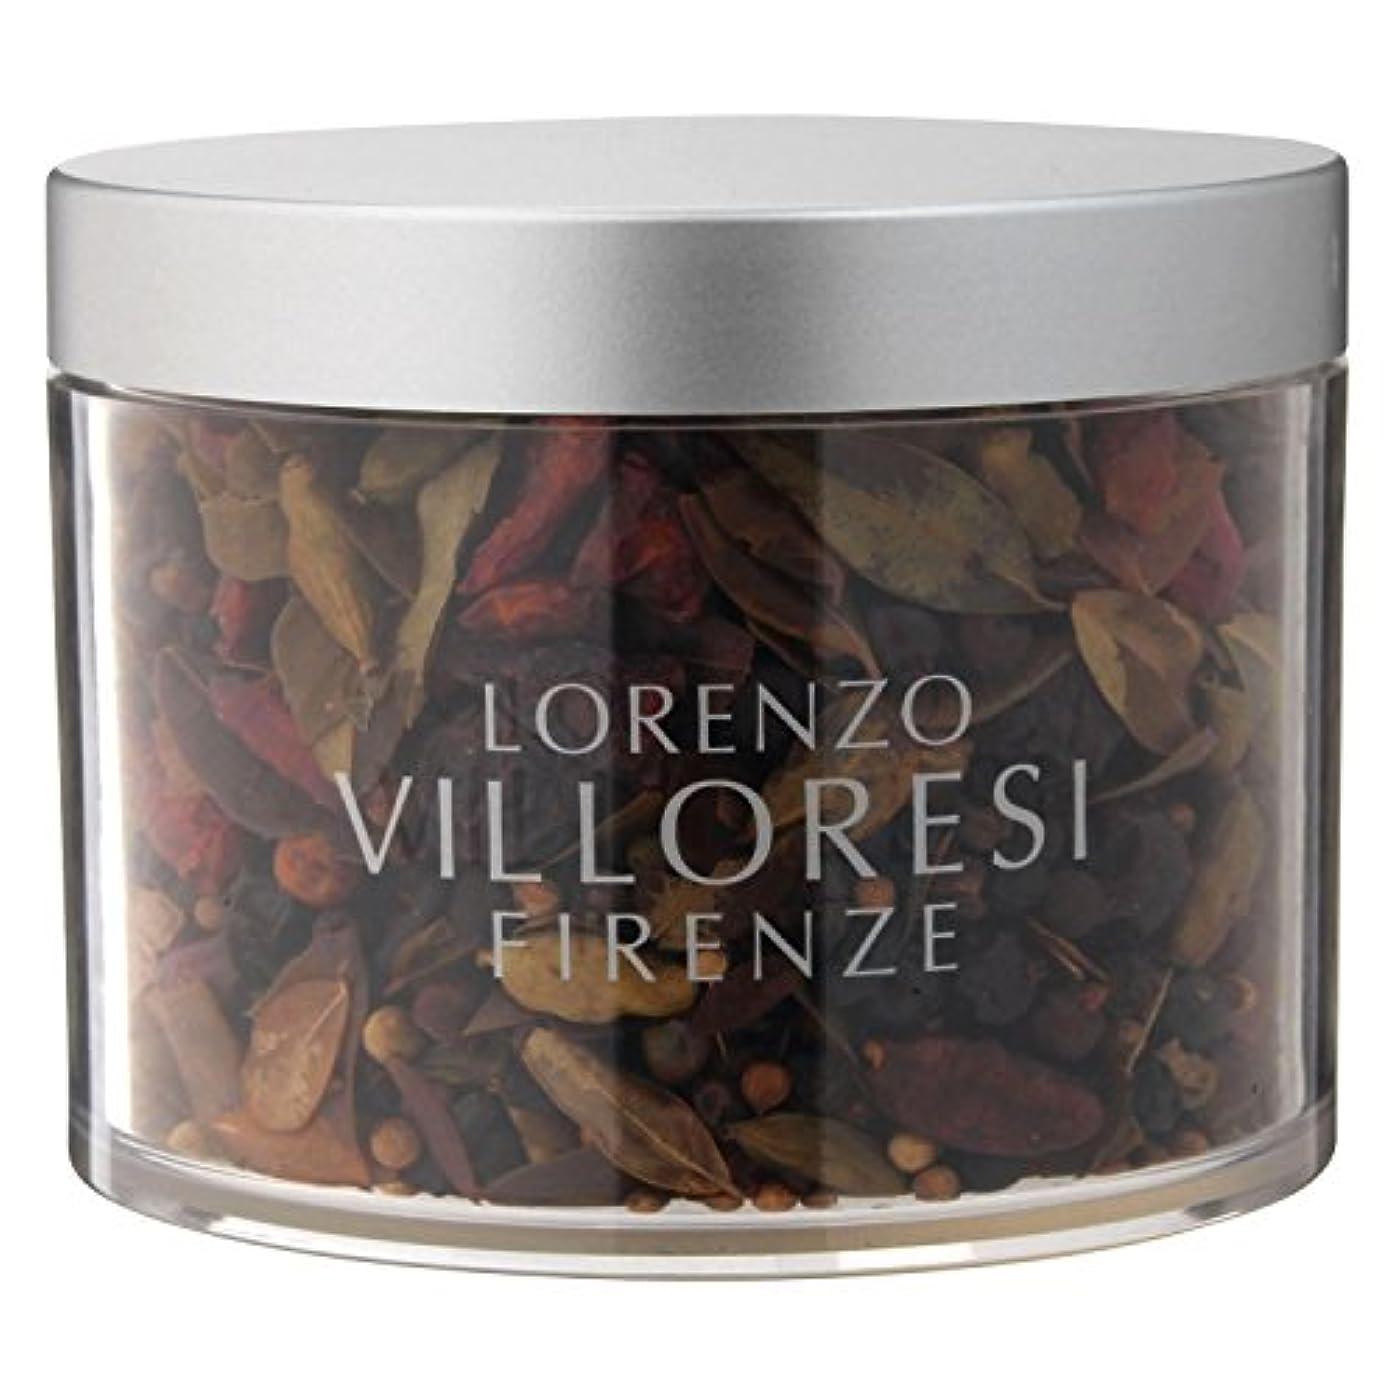 違う湿度死LORENZO VILLORESI ポプリ ピペルニグラム 200g